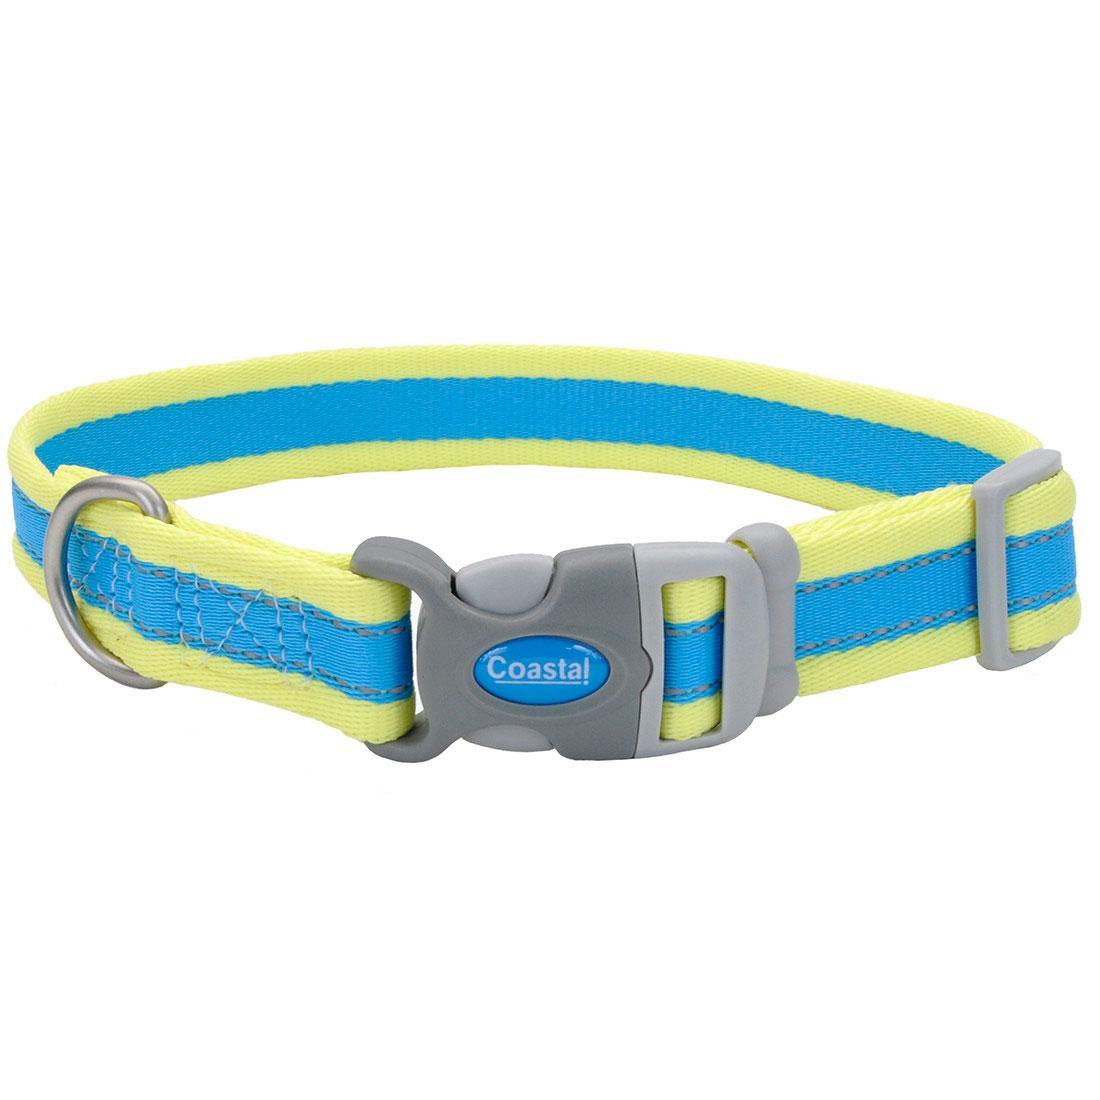 Coastal Pro Reflective Adjustable Dog Collar Image